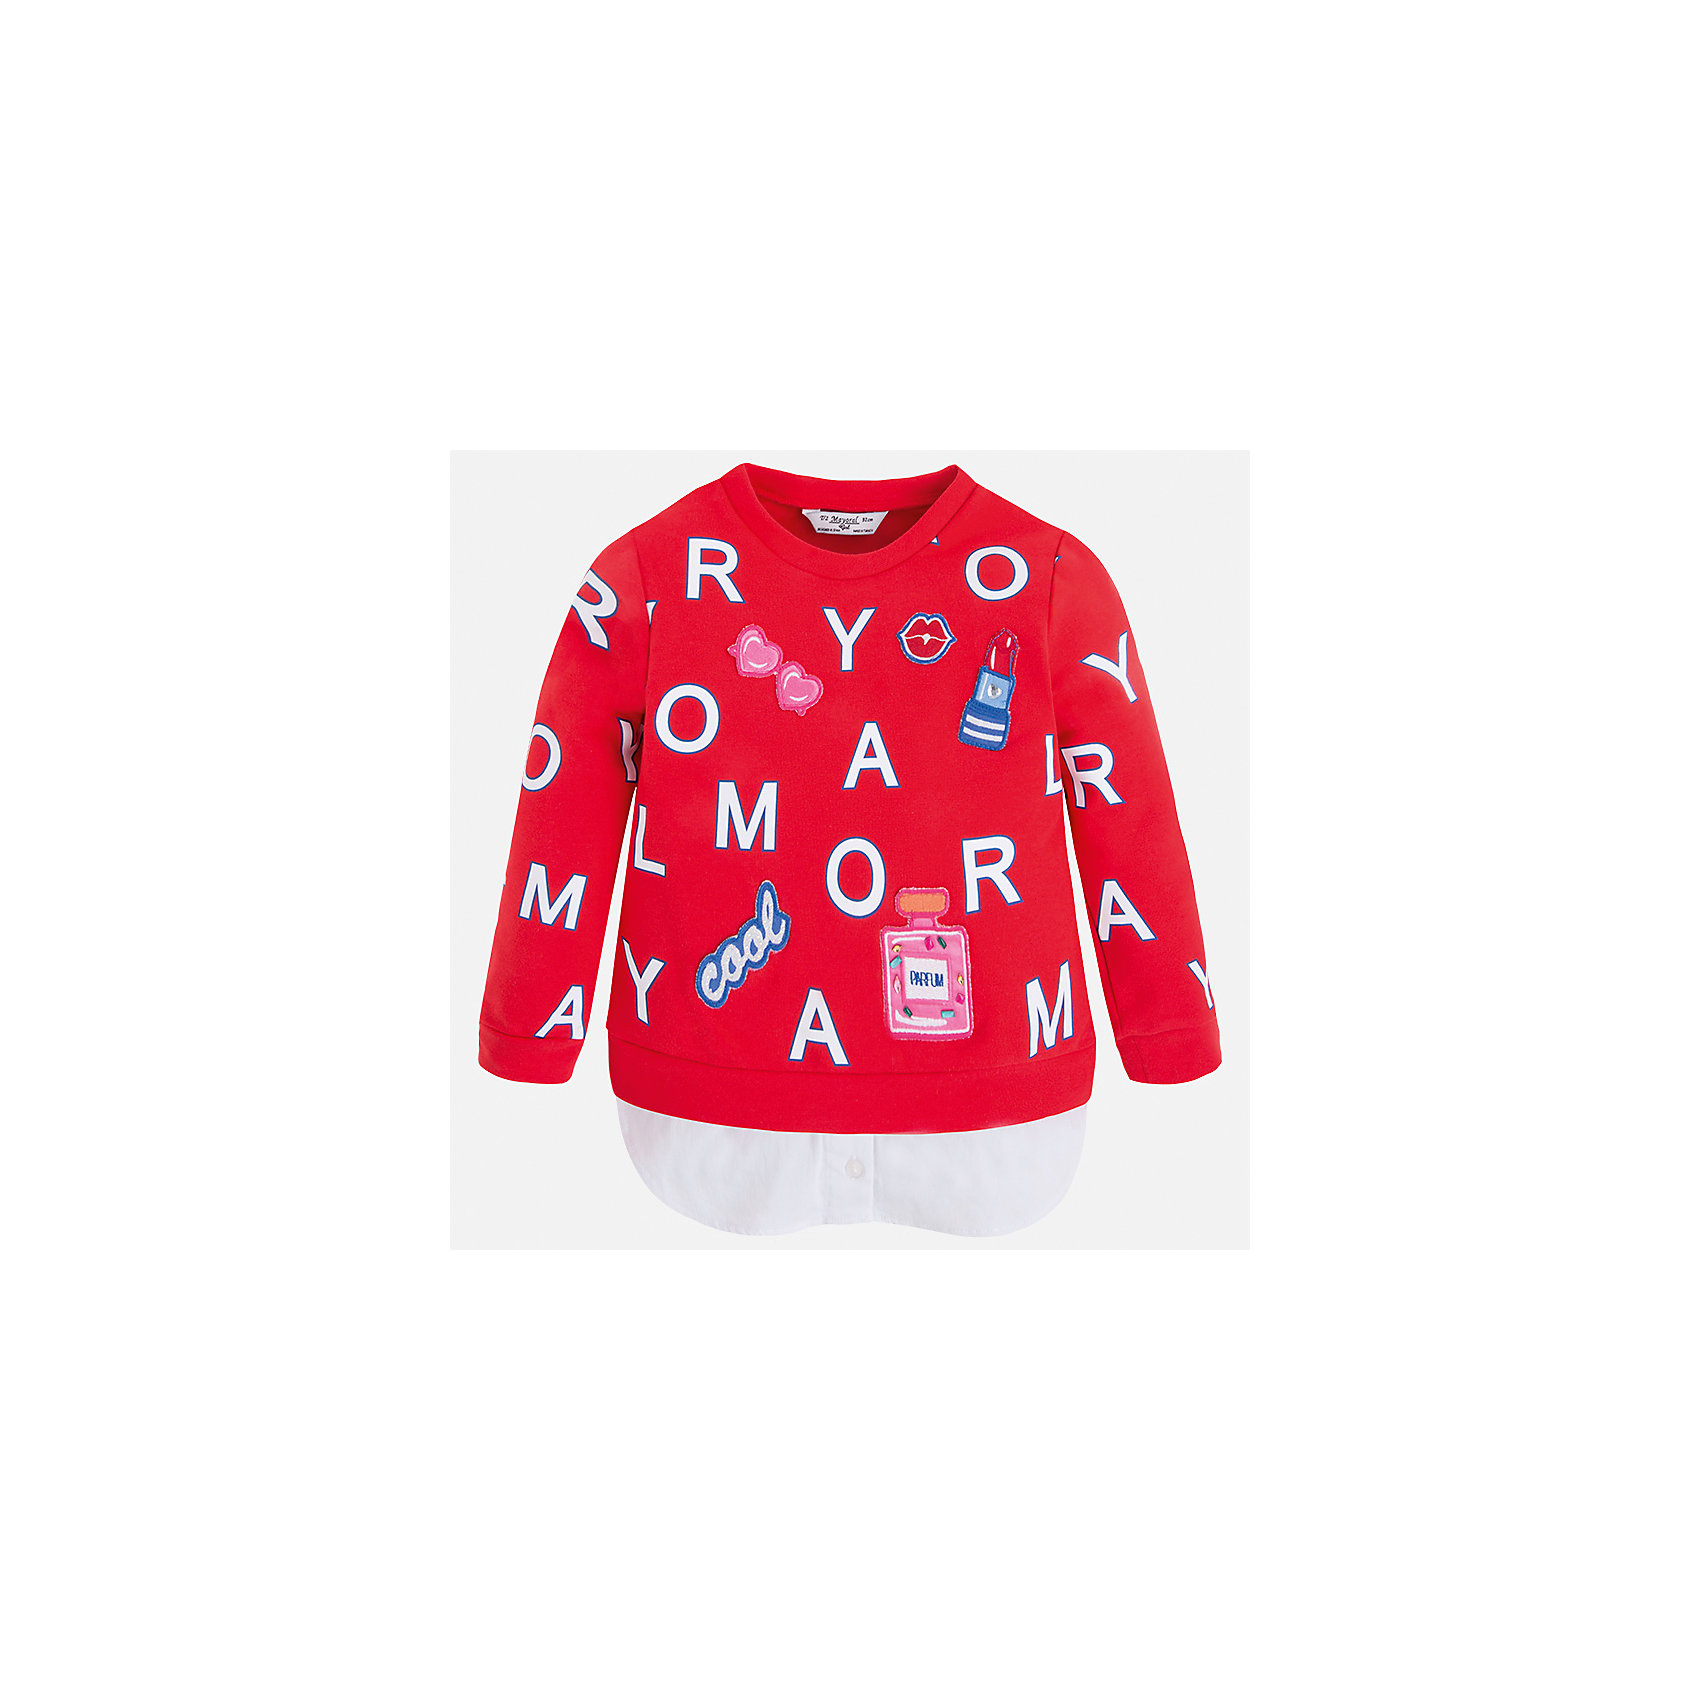 Толстовка для девочки MayoralТолстовки<br>Характеристики товара:<br><br>• цвет: красный<br>• состав: 95% хлопок, 5% эластан<br>• украшен принтом<br>• ворот - округлый<br>• с длинными рукавами <br>• манжеты<br>• страна бренда: Испания<br><br>Удобный и красивый свитер для девочки поможет разнообразить гардероб ребенка и украсить наряд. Он отлично сочетается и с юбками, и с брюками. Яркий цвет позволяет подобрать к вещи низ различных расцветок. Интересная отделка модели делает её нарядной и оригинальной. <br><br>Одежда, обувь и аксессуары от испанского бренда Mayoral полюбились детям и взрослым по всему миру. Модели этой марки - стильные и удобные. Для их производства используются только безопасные, качественные материалы и фурнитура. Порадуйте ребенка модными и красивыми вещами от Mayoral! <br><br>Свитер для девочки от испанского бренда Mayoral (Майорал) можно купить в нашем интернет-магазине.<br><br>Ширина мм: 190<br>Глубина мм: 74<br>Высота мм: 229<br>Вес г: 236<br>Цвет: красный<br>Возраст от месяцев: 96<br>Возраст до месяцев: 108<br>Пол: Женский<br>Возраст: Детский<br>Размер: 134,92,98,104,110,116,122,128<br>SKU: 5290020